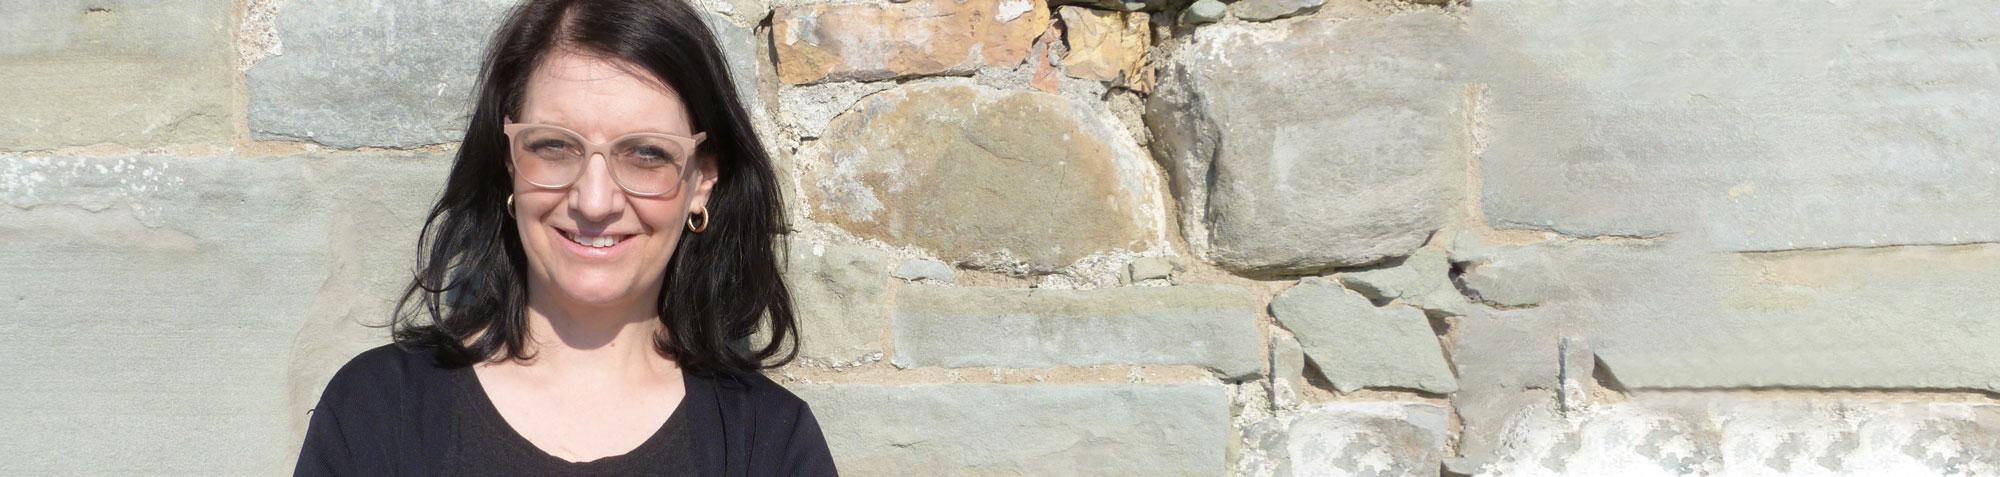 Persönlichkeitsentwicklung und Selbsthilfe bei Christine Thiele in Oberbeuren